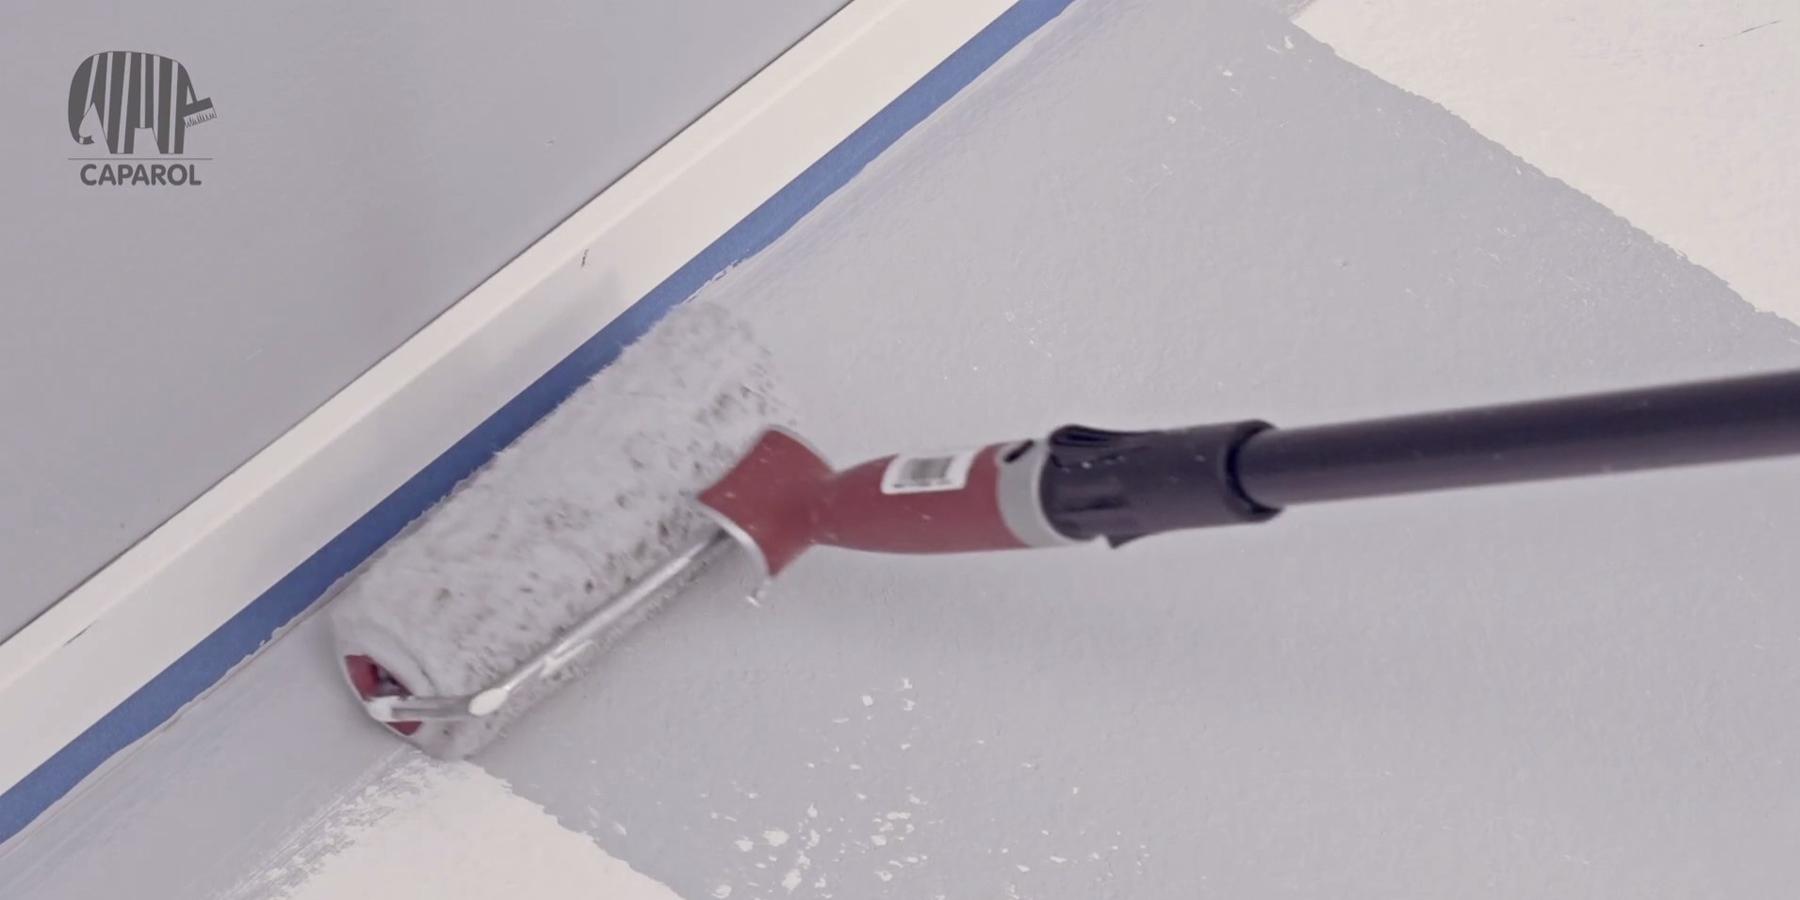 Välj rätt målarfärg när du ska måla trägolv - Caparol